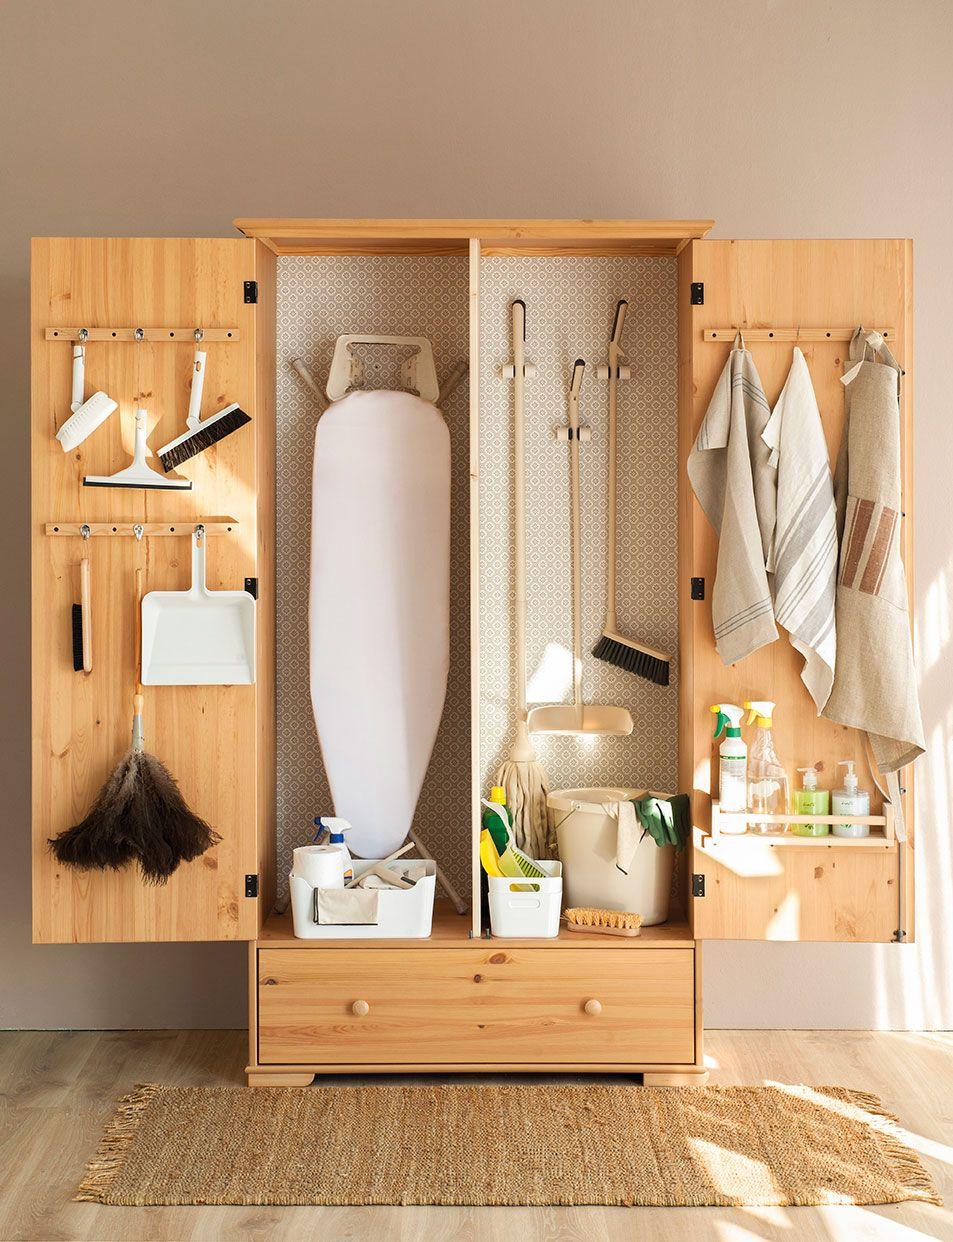 Armarios roperos armarios de cocina y armarios de ba o - Armario para guardar juguetes ...